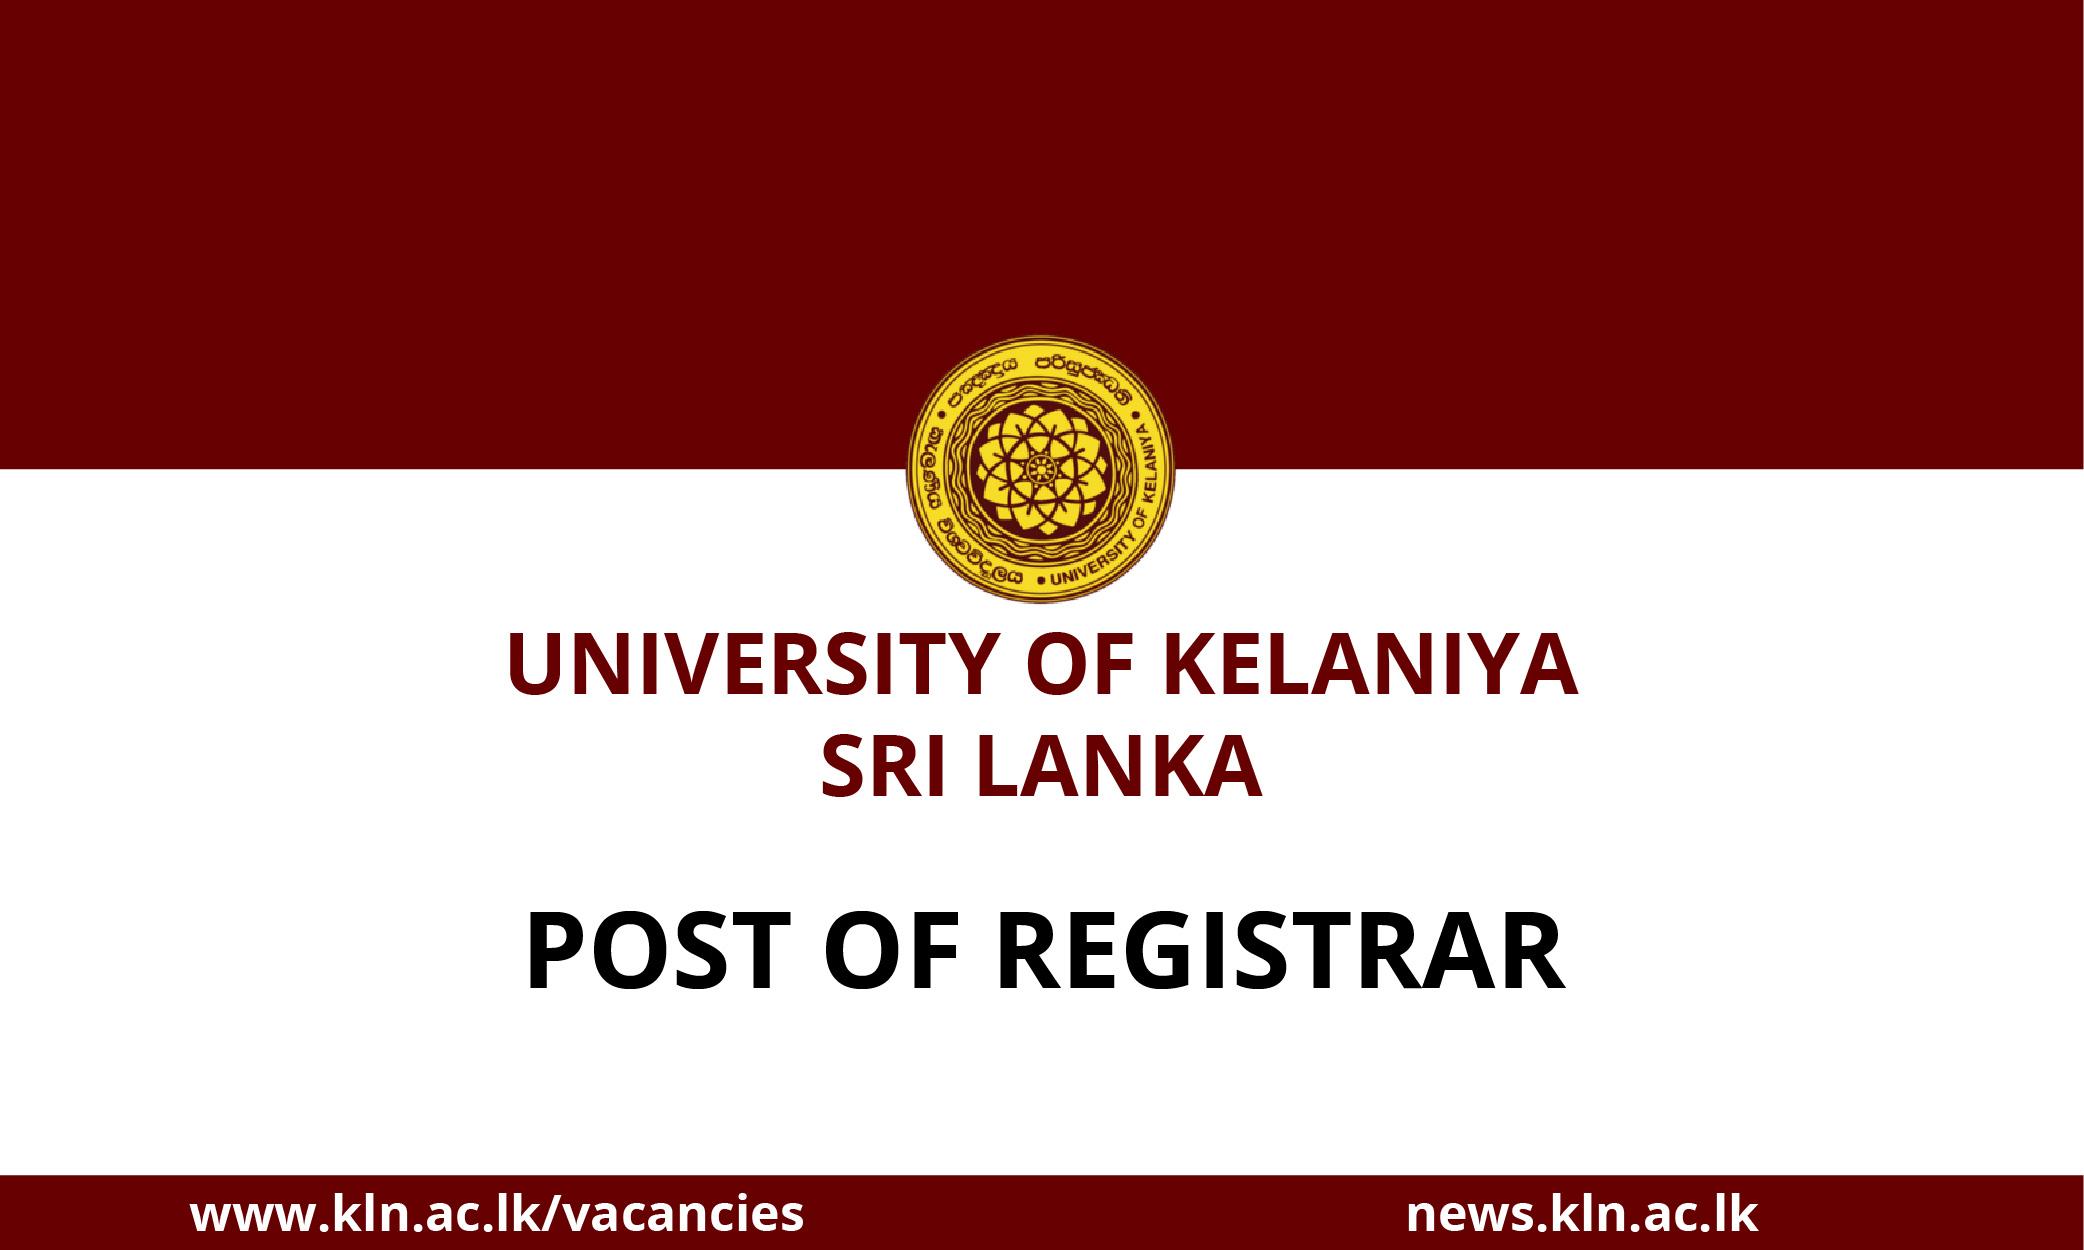 Post of Registrar of the University of Kelaniya